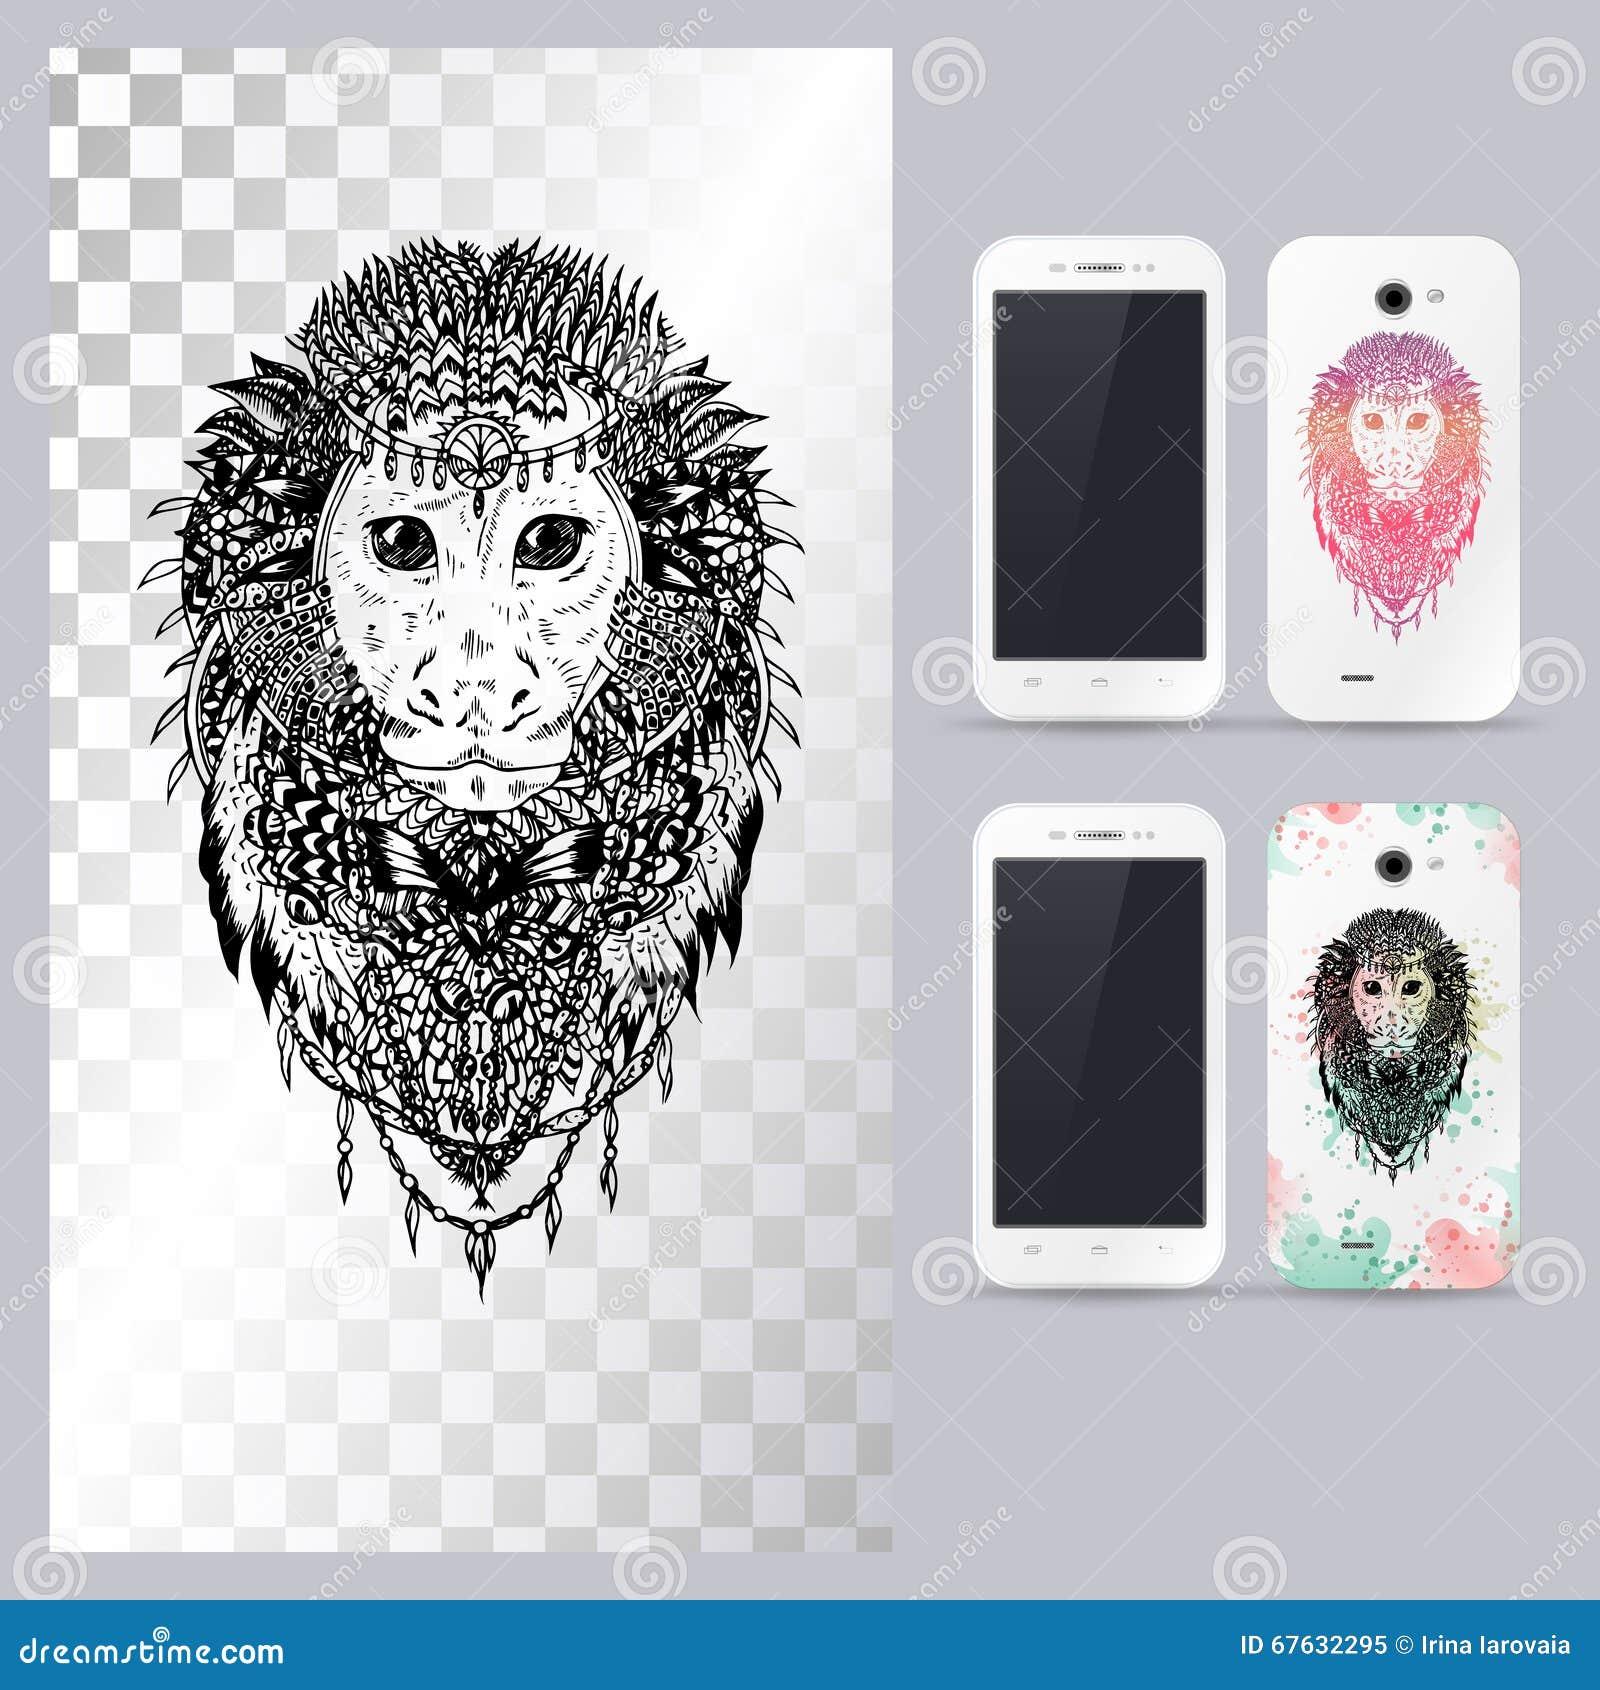 Черно-белая животная голова обезьяны Иллюстрация вектора в случай телефона